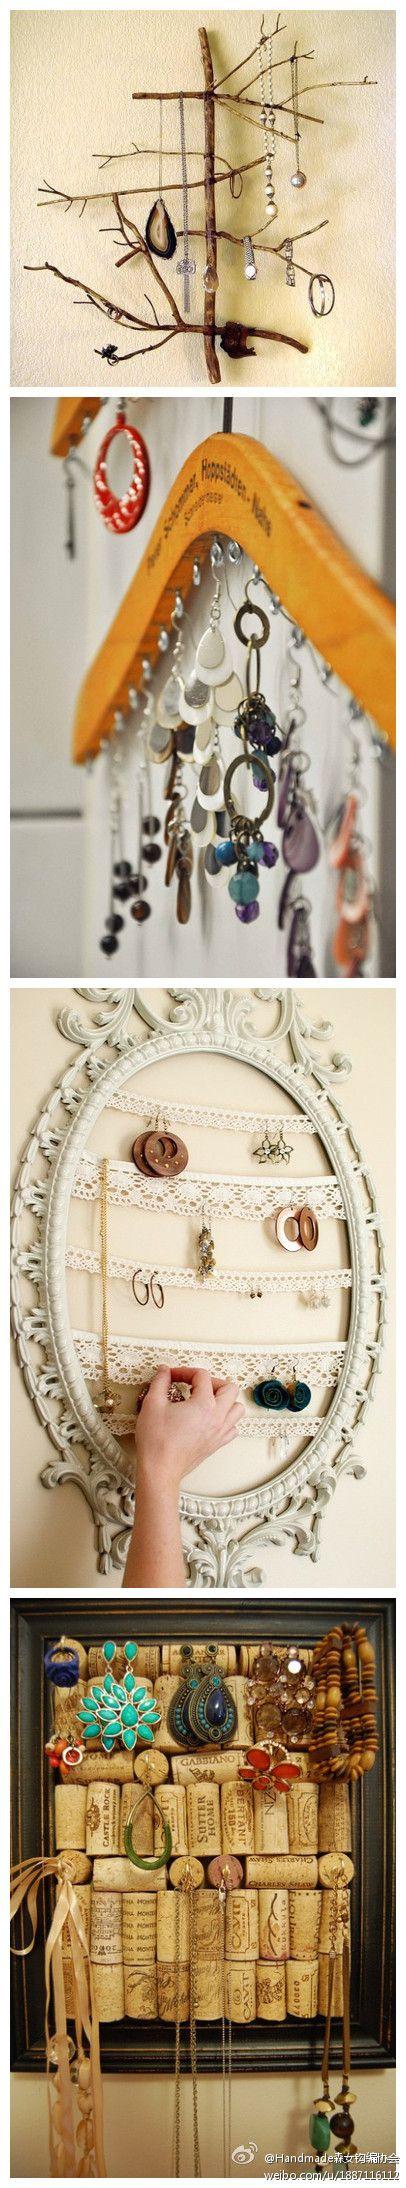 Fun jewelry holders, love the wine cork board!